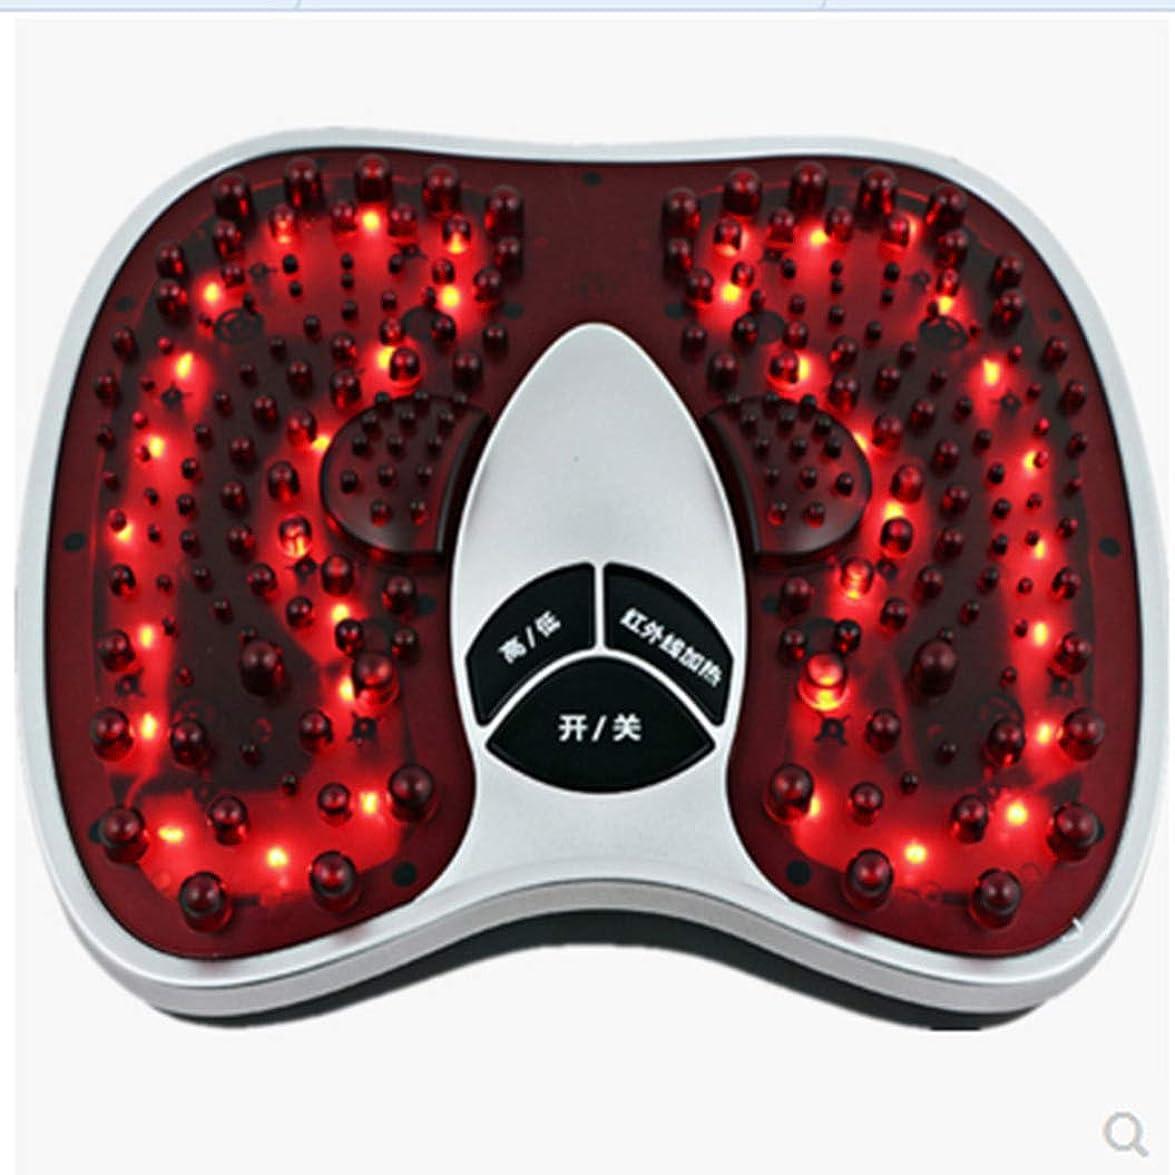 味付け本部に賛成電気の 足マッサージ、熱の改善、循環の改善、202マッサージヘッドのf、硬い筋肉の柔らかさ、鎮痛トリートメント 人間工学的デザイン, red